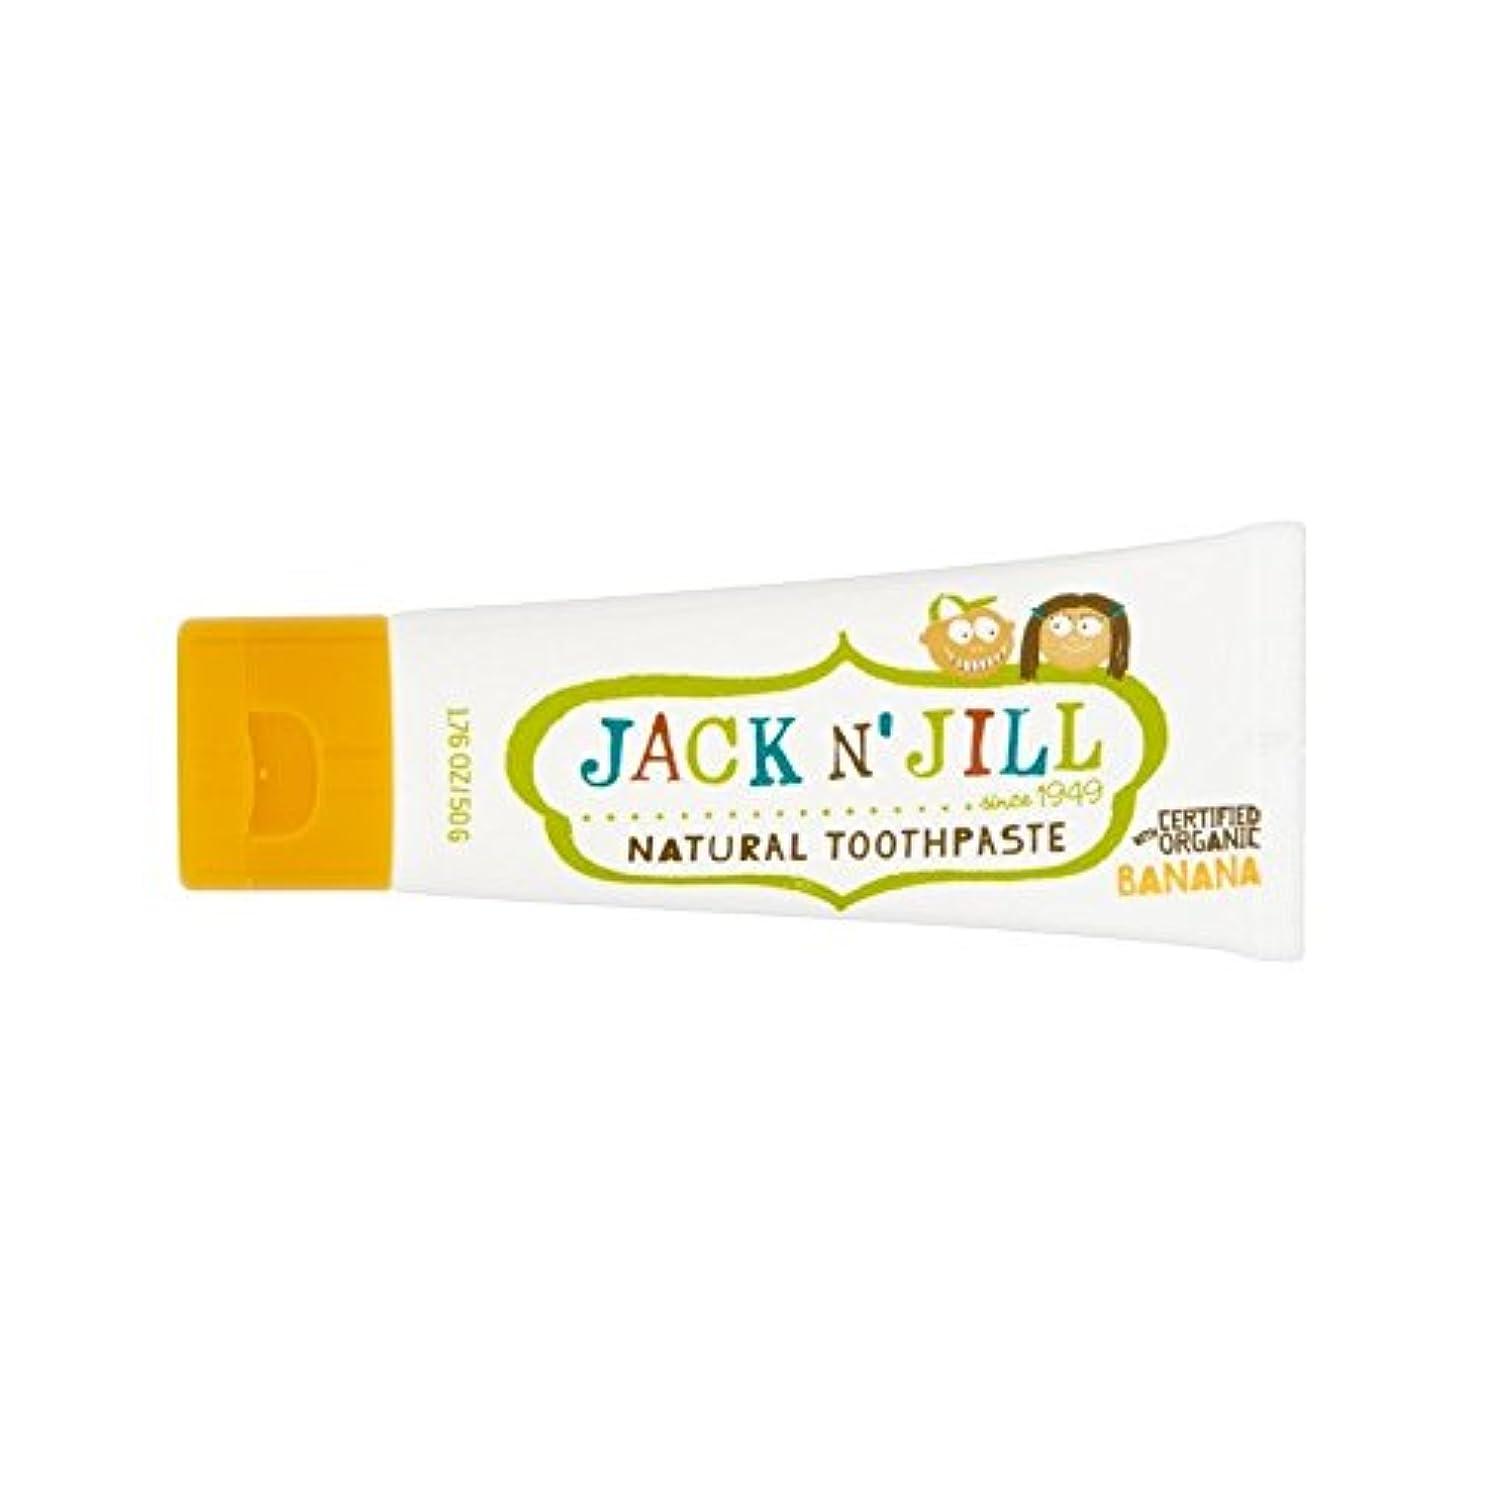 お手伝いさん加入勤勉有機香味50グラムと自然バナナ歯磨き粉 (Jack N Jill) (x 6) - Jack N' Jill Banana Toothpaste Natural with Organic Flavouring 50g (...